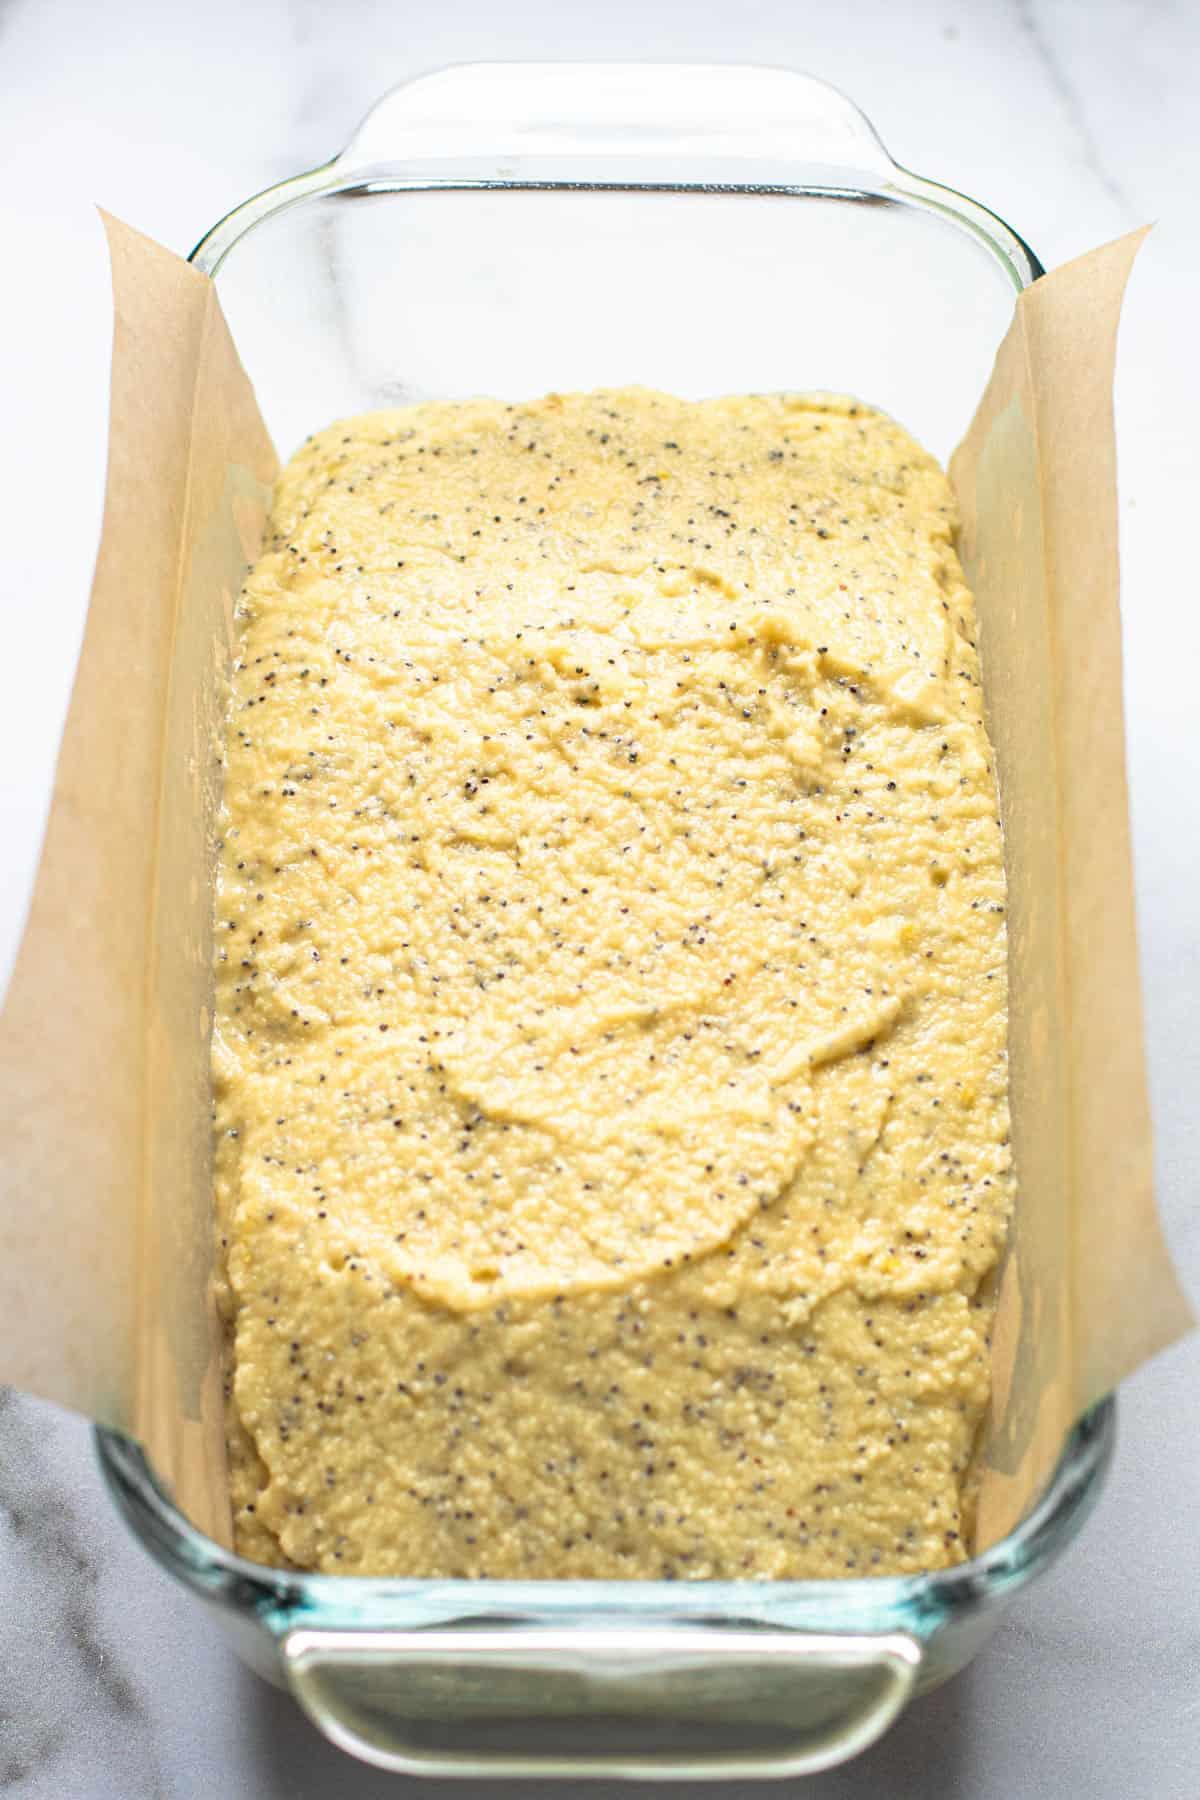 Gluten Free Lemon Bread unbaked in a loaf pan.